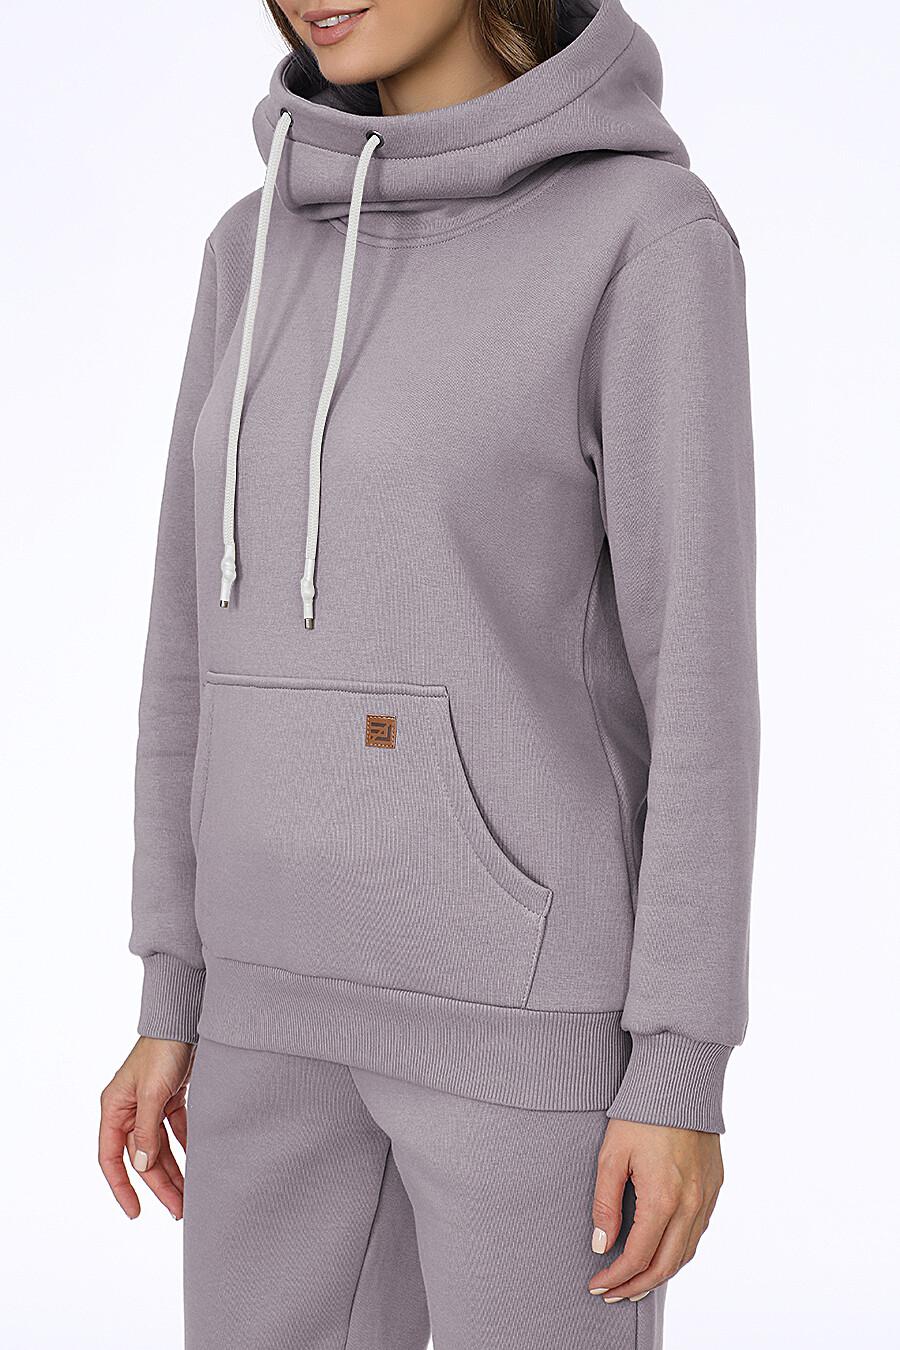 Костюм (Брюки+Худи) для женщин EZANNA 707995 купить оптом от производителя. Совместная покупка женской одежды в OptMoyo